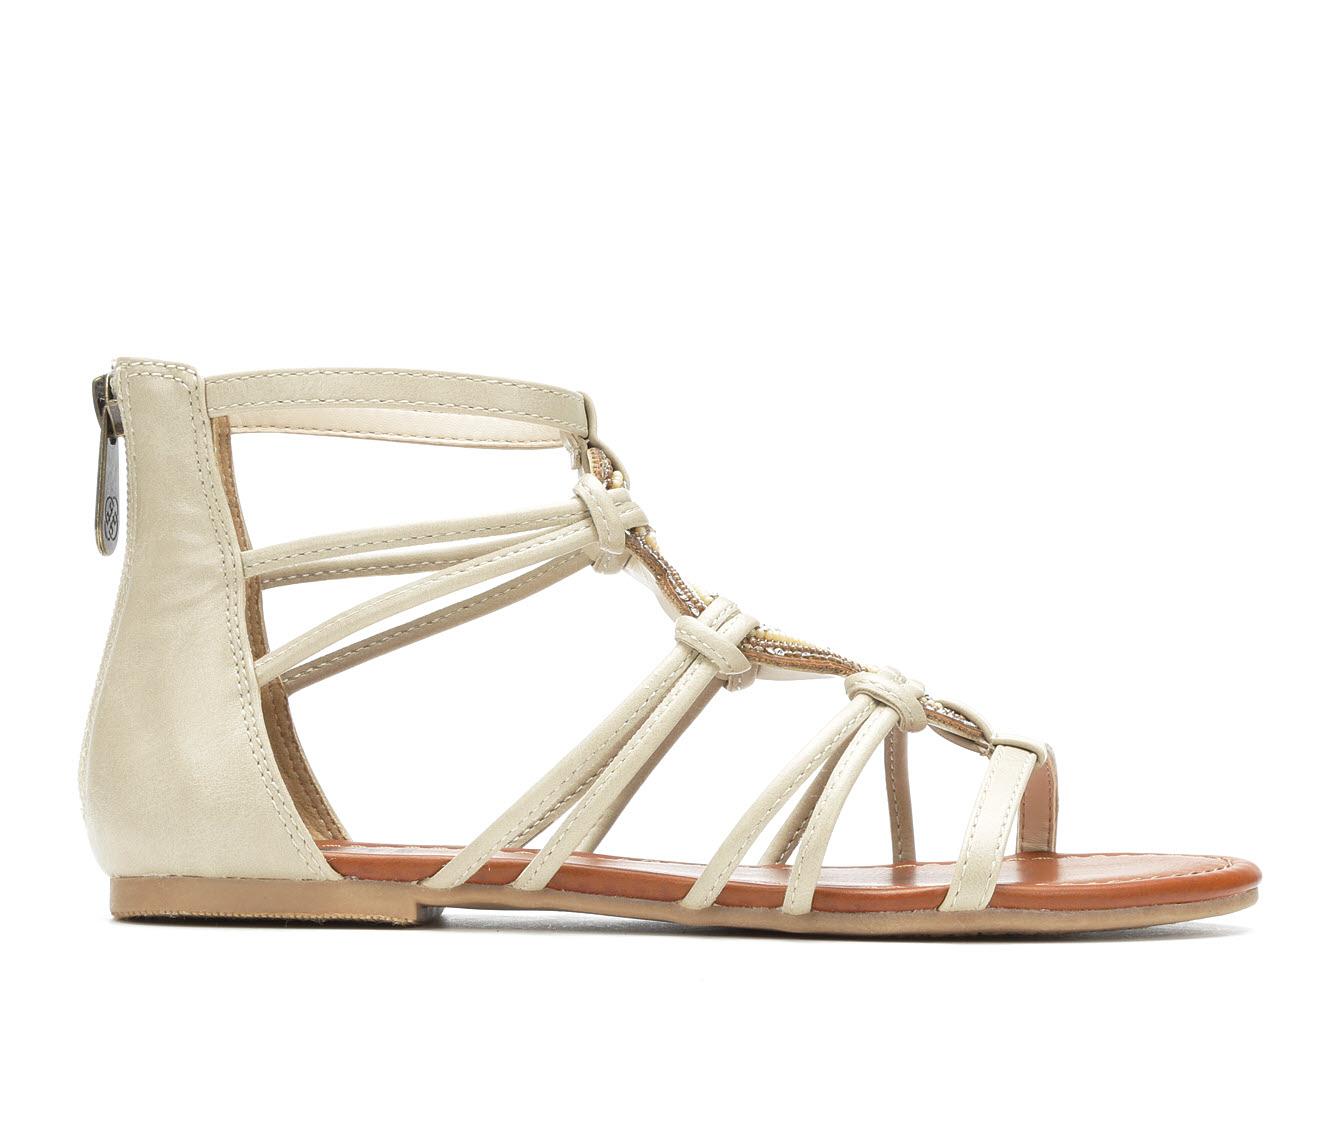 Daisy Fuentes Orah Women's Sandal (Beige Faux Leather)